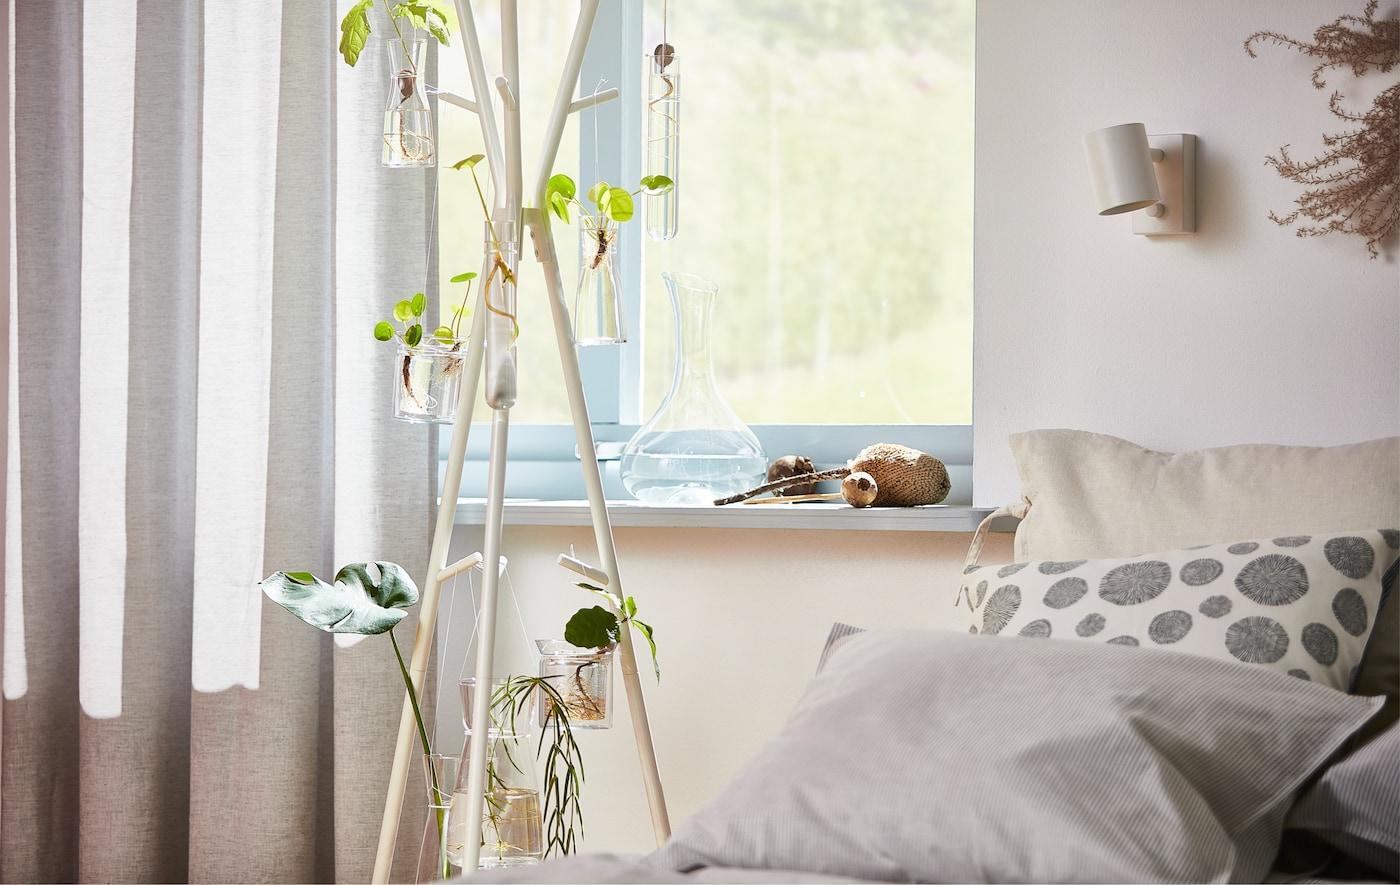 Um bengaleiro EKRAR branco é perfeito para decorar com plantas jovens cultivadas em casa.